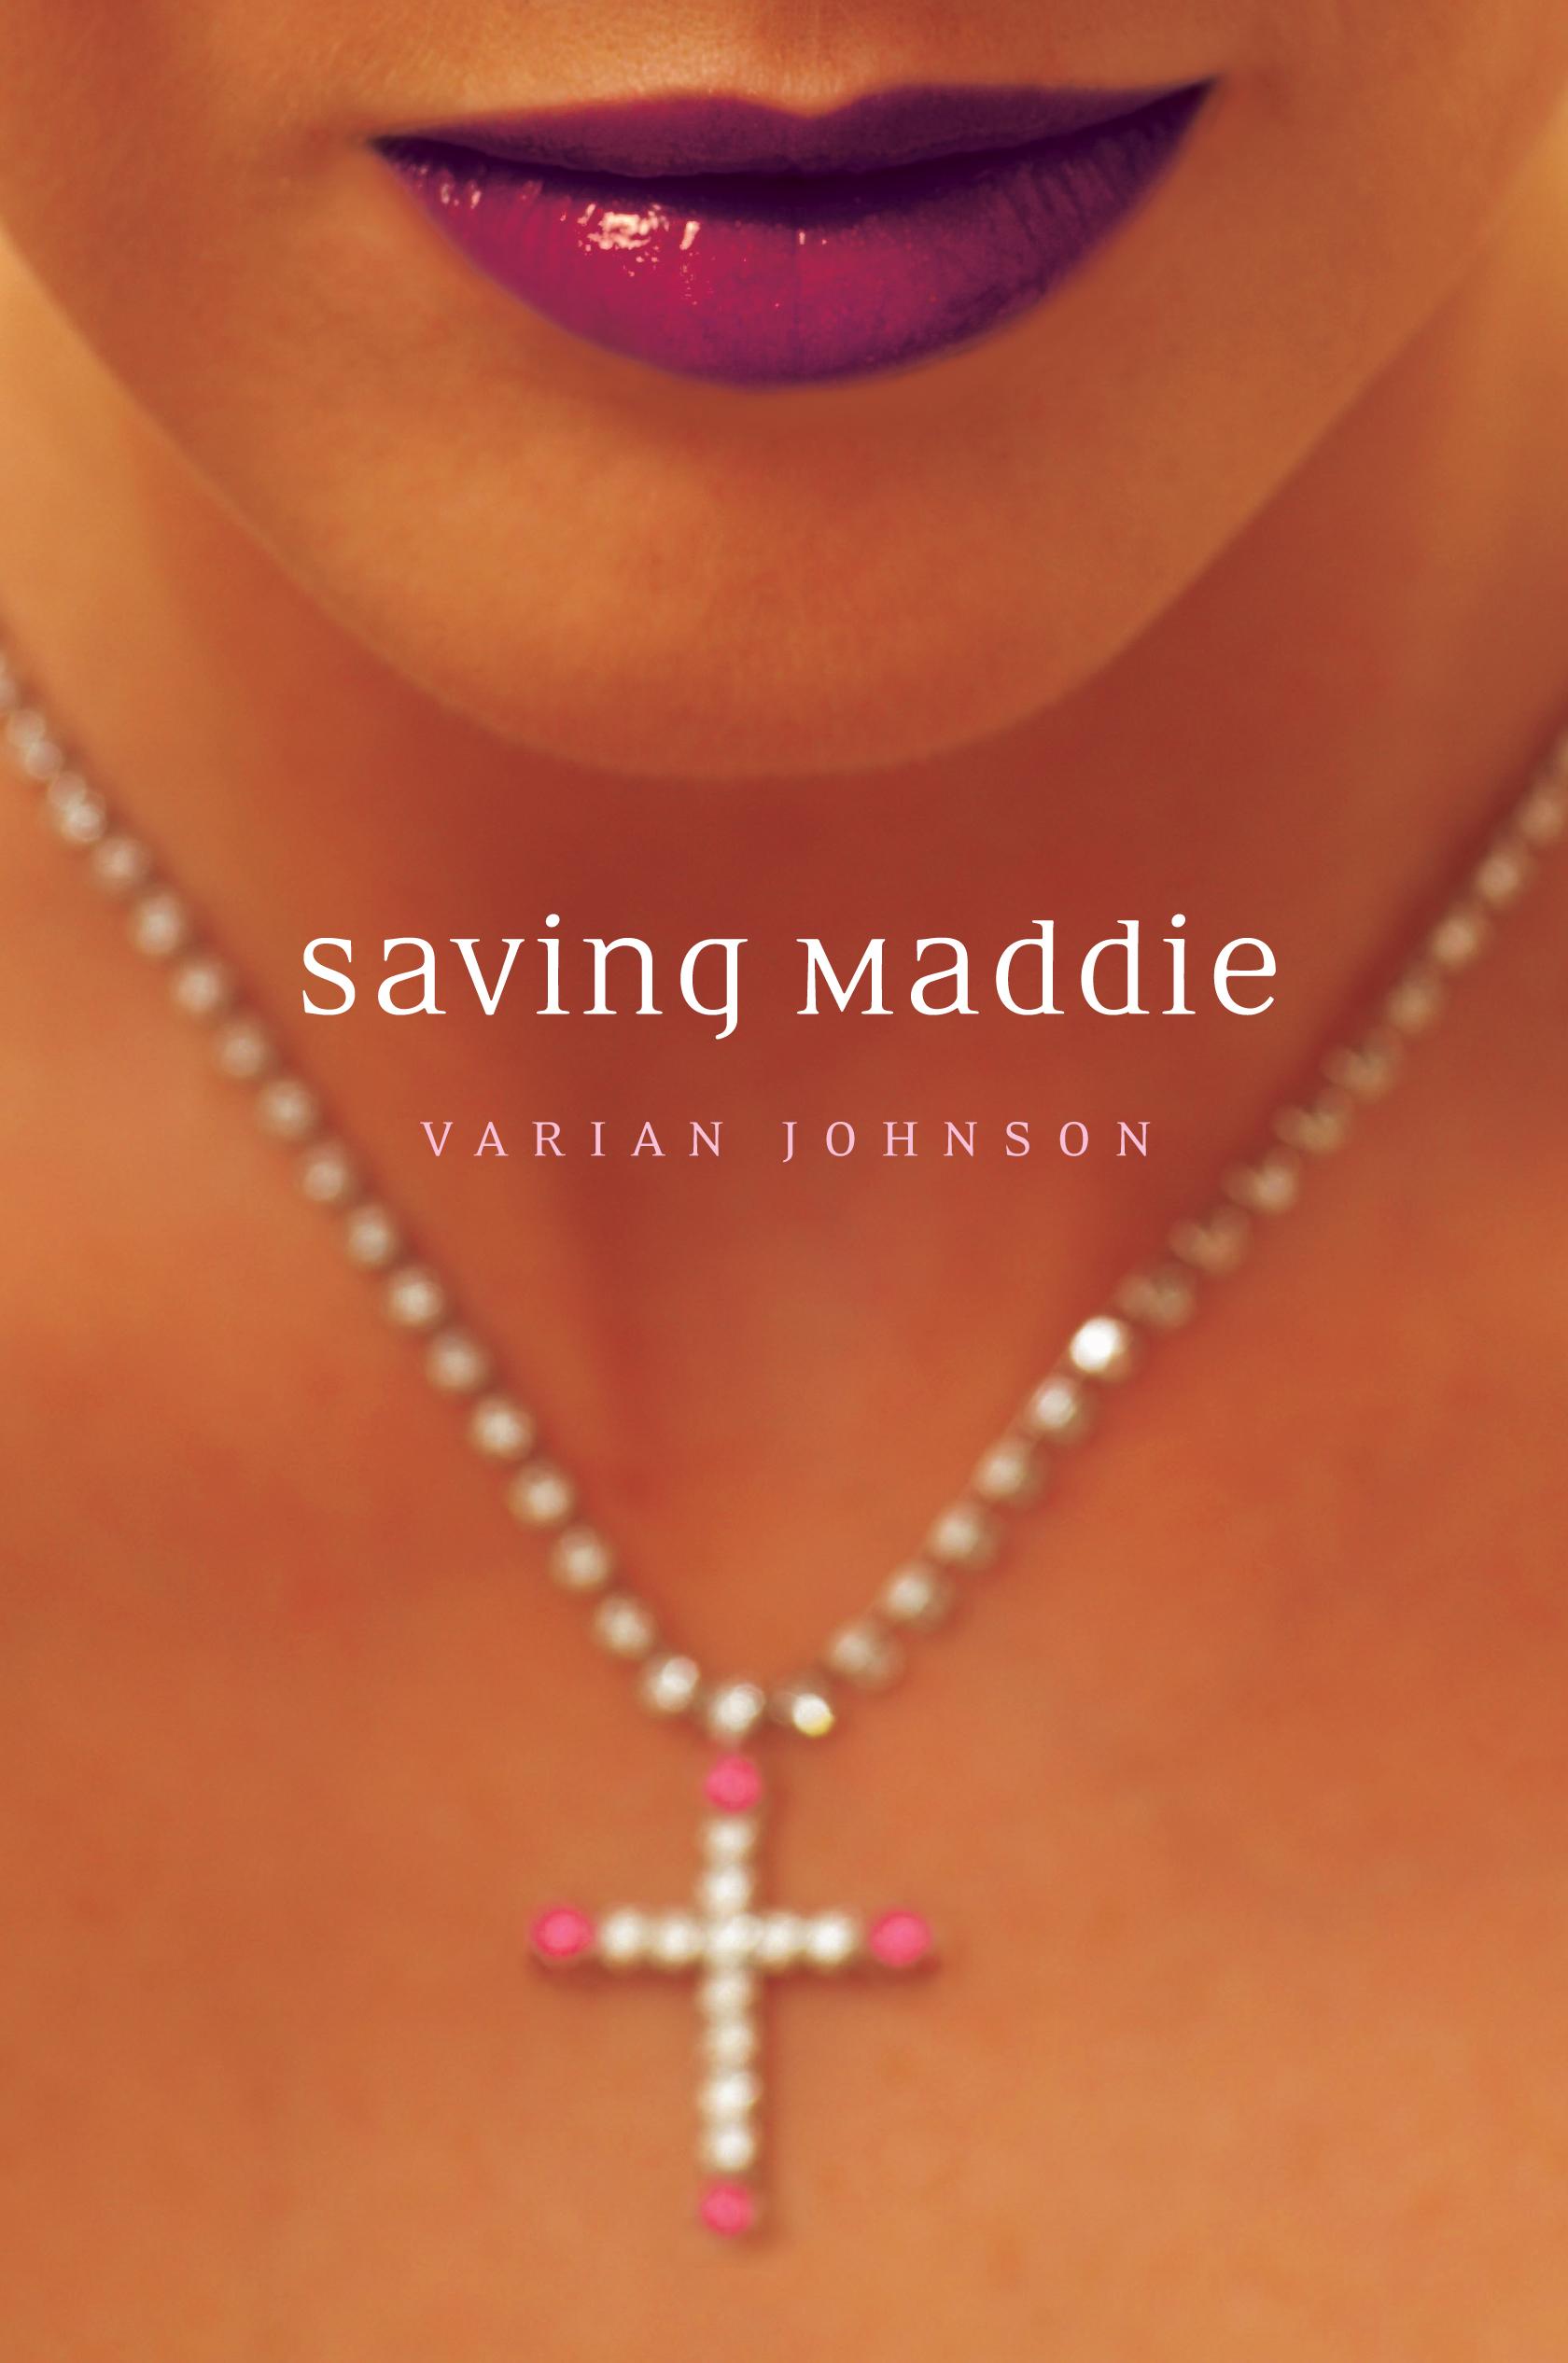 varian-johnson-saving-maddie.jpg